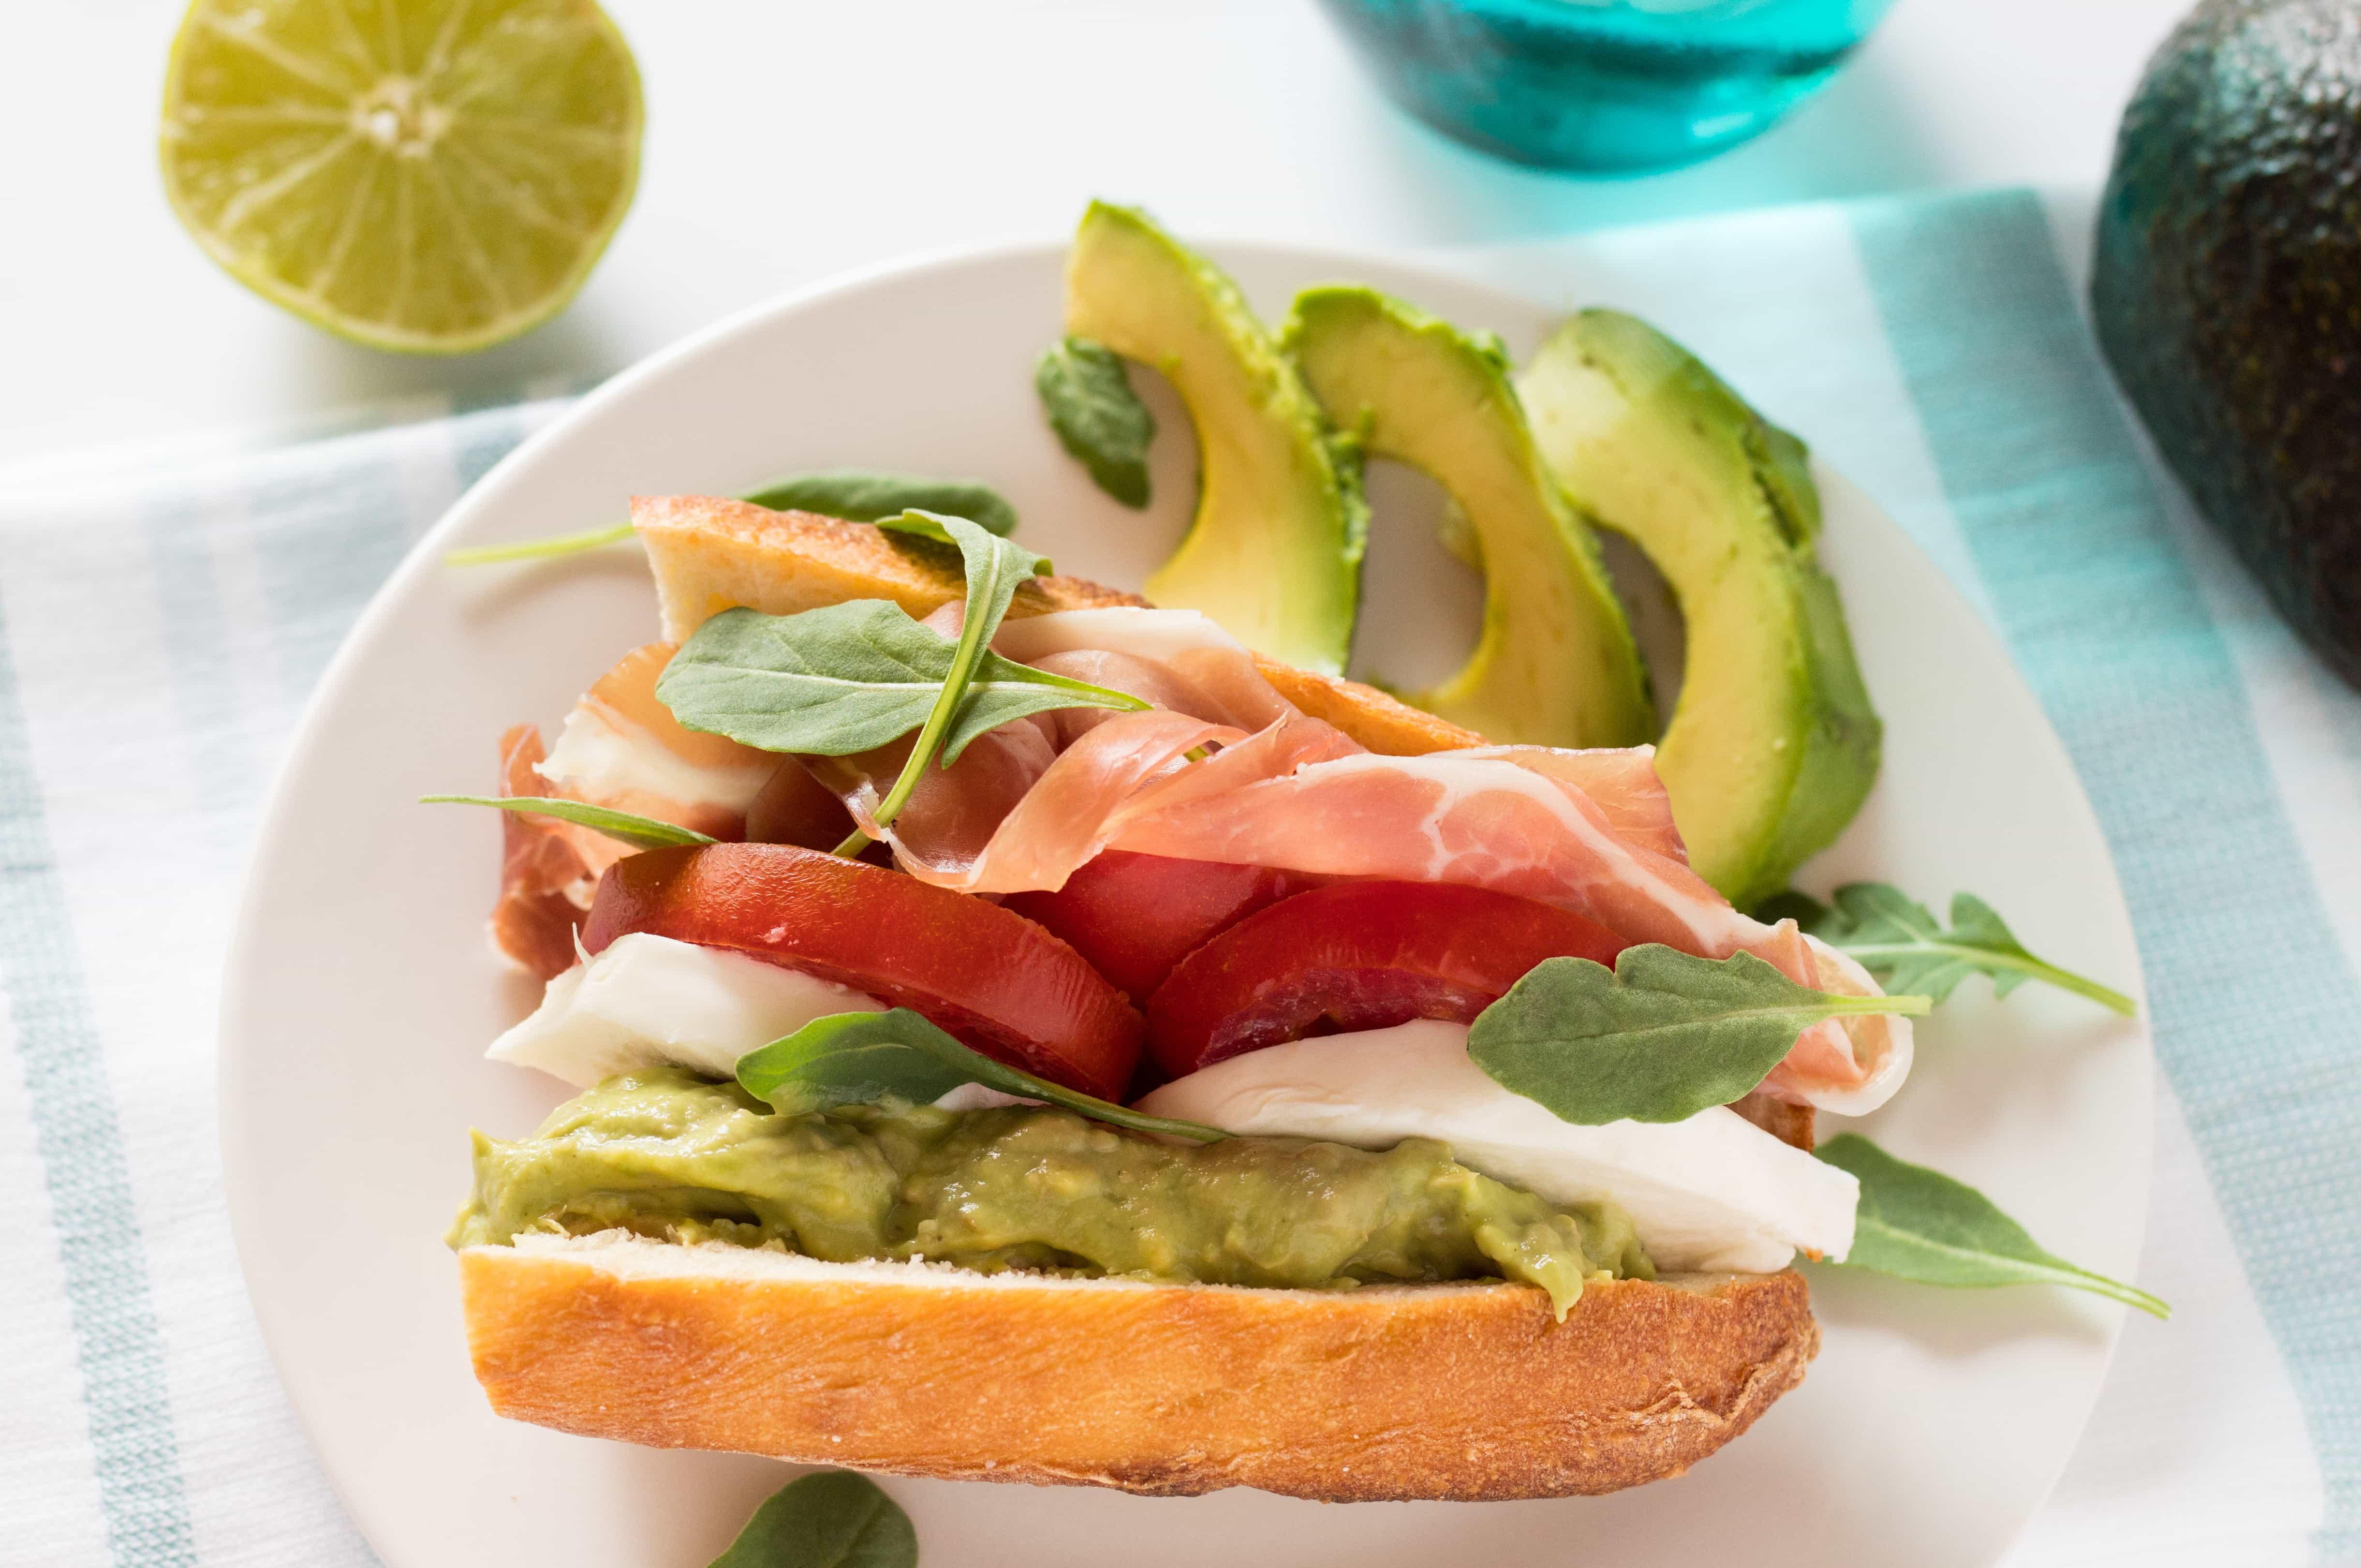 Prosciutto, Tomato, Cheese and Arugula Sandwich with ...